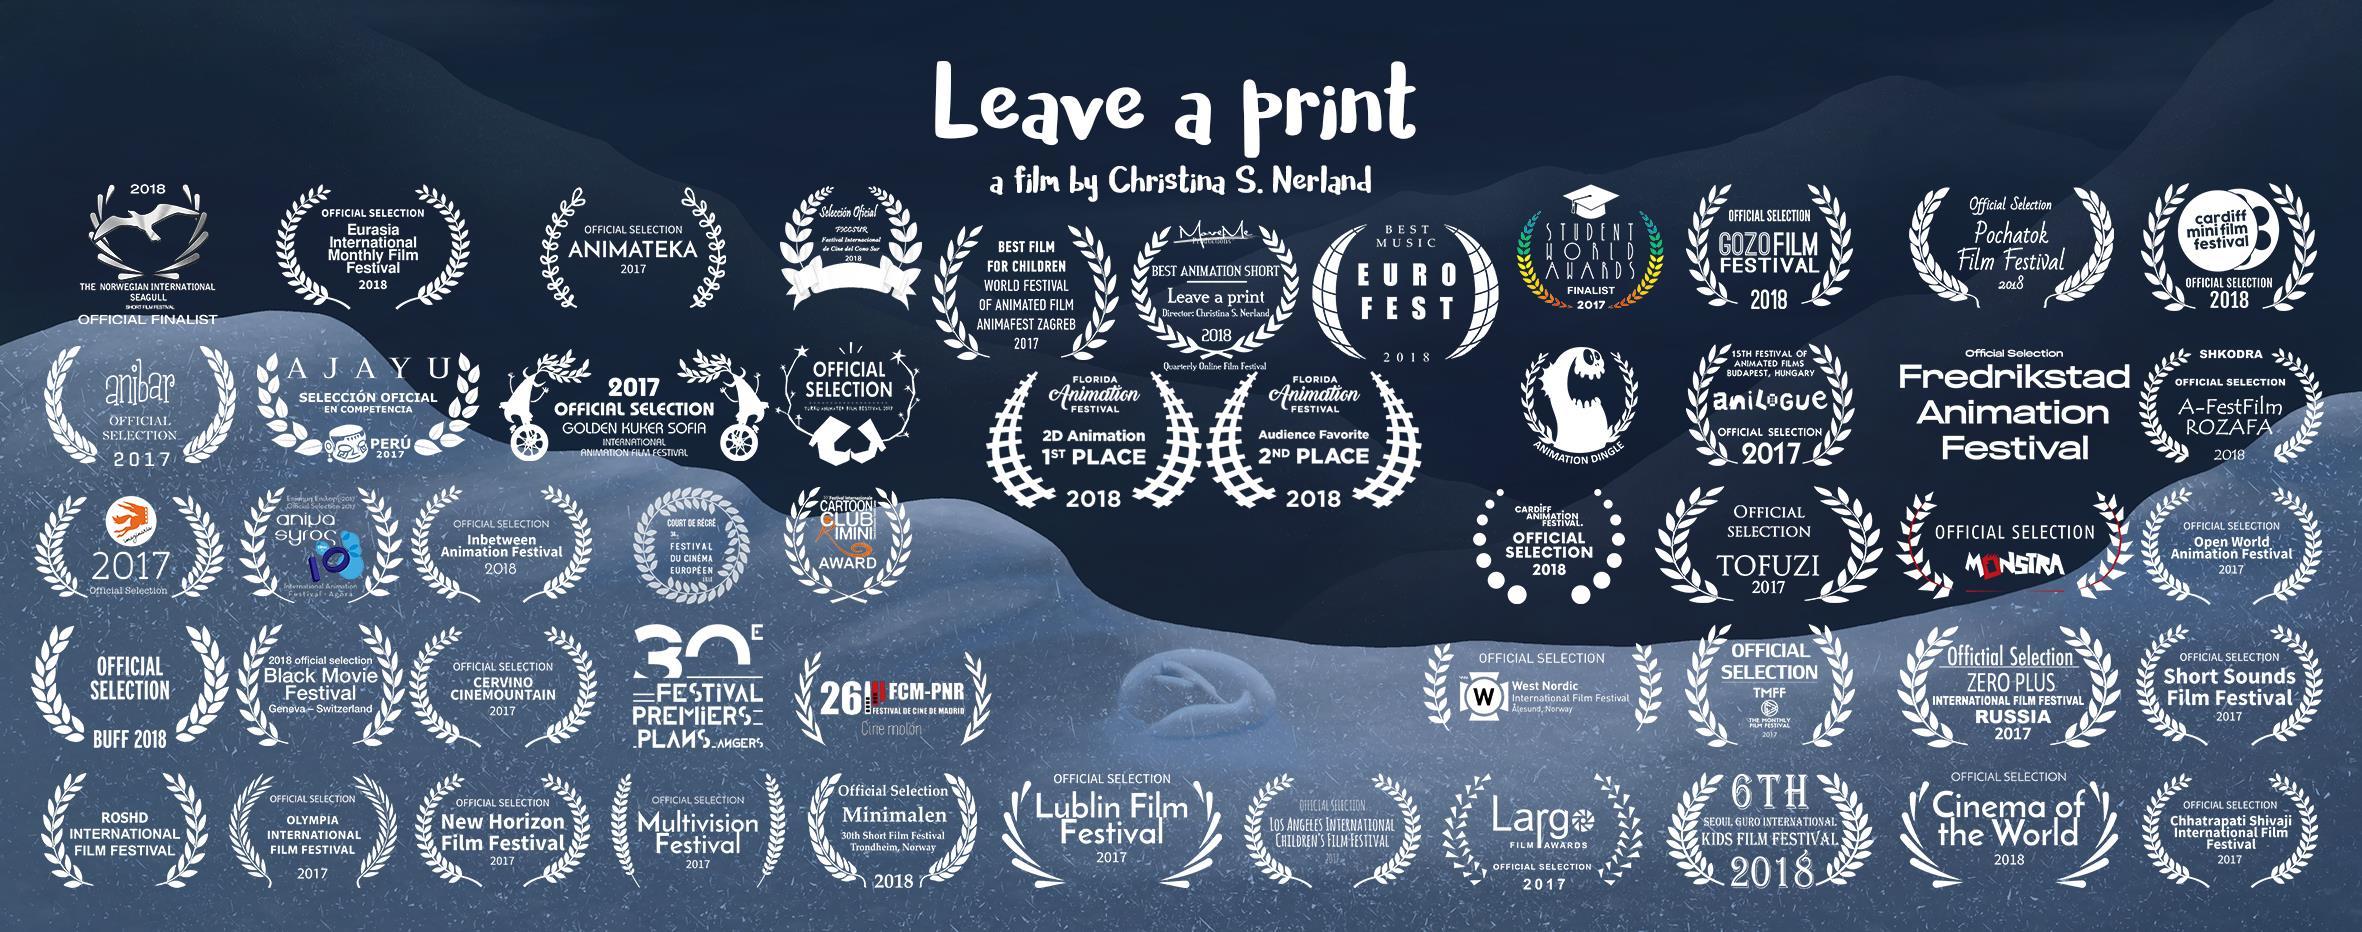 """Leave a Print - by Christina Nerland- Best Music Award """"Euro Fest"""" European International Film Festival 2018- Best Film for Children - World Festival of Animated Film Animafest 2017- Selected in 70 international film festivals"""